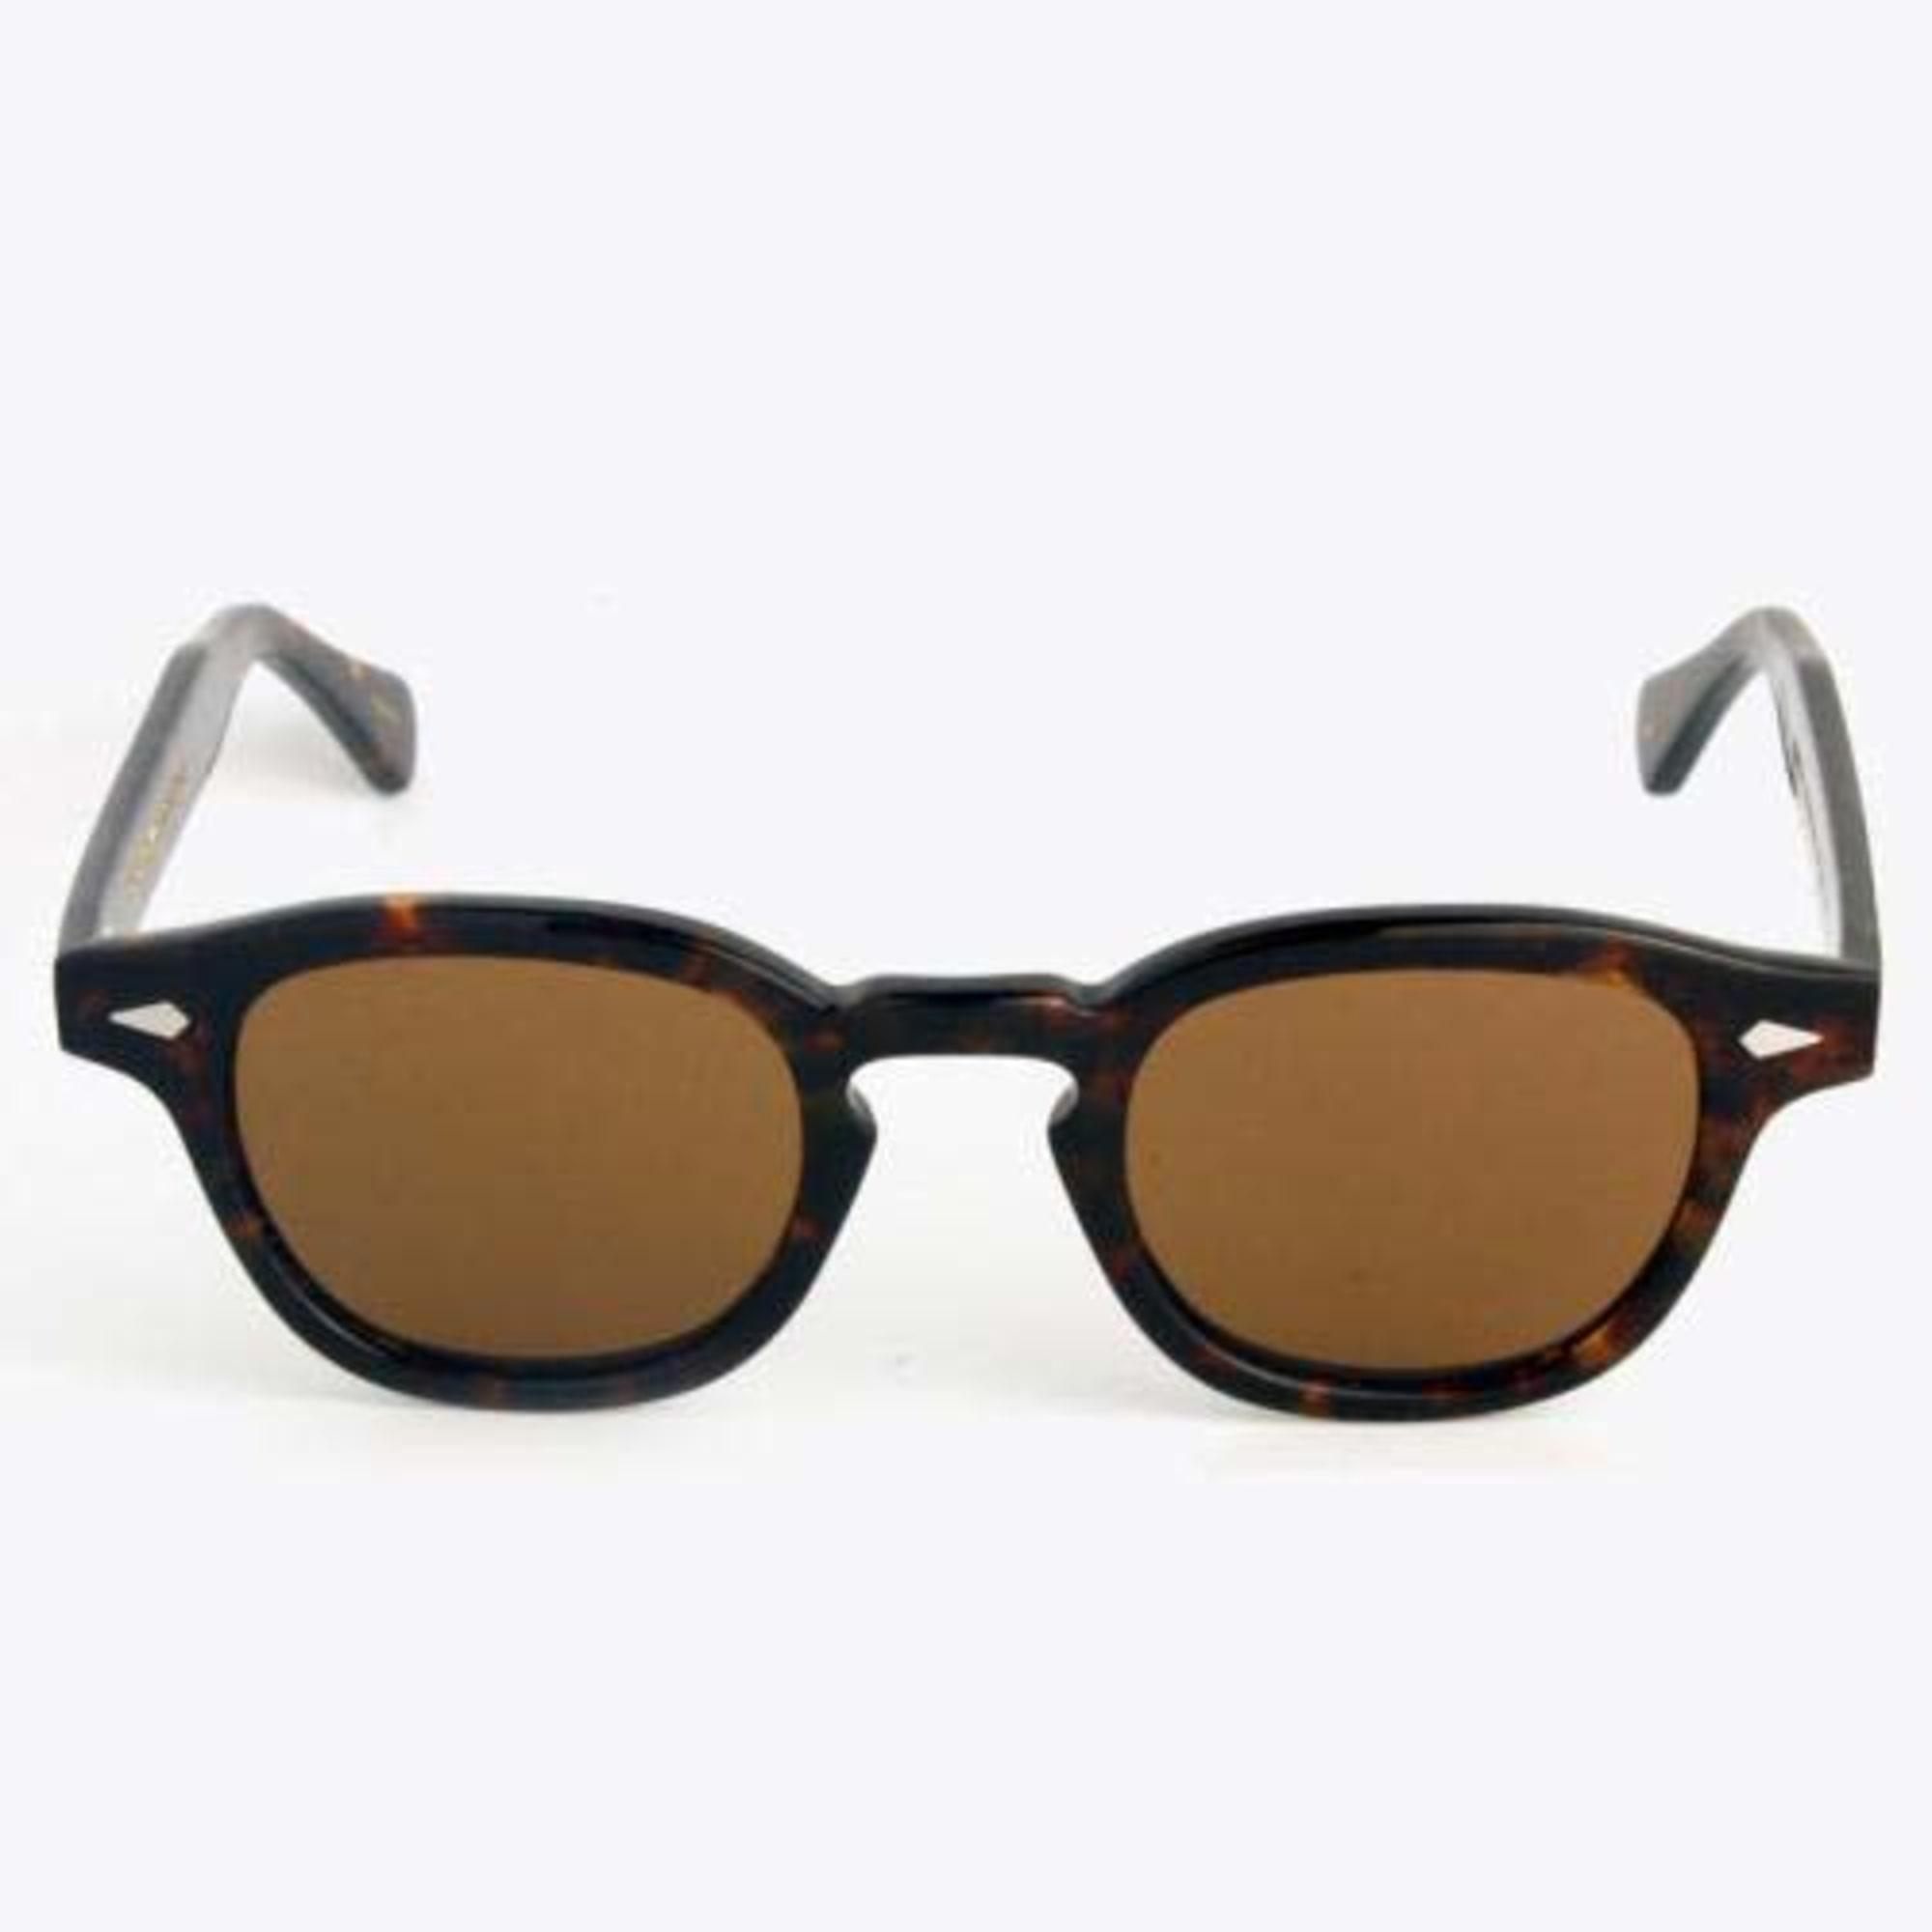 a2f820ceb2354b Lunettes de soleil MOSCOT marron vendu par Black and blue468876 ...